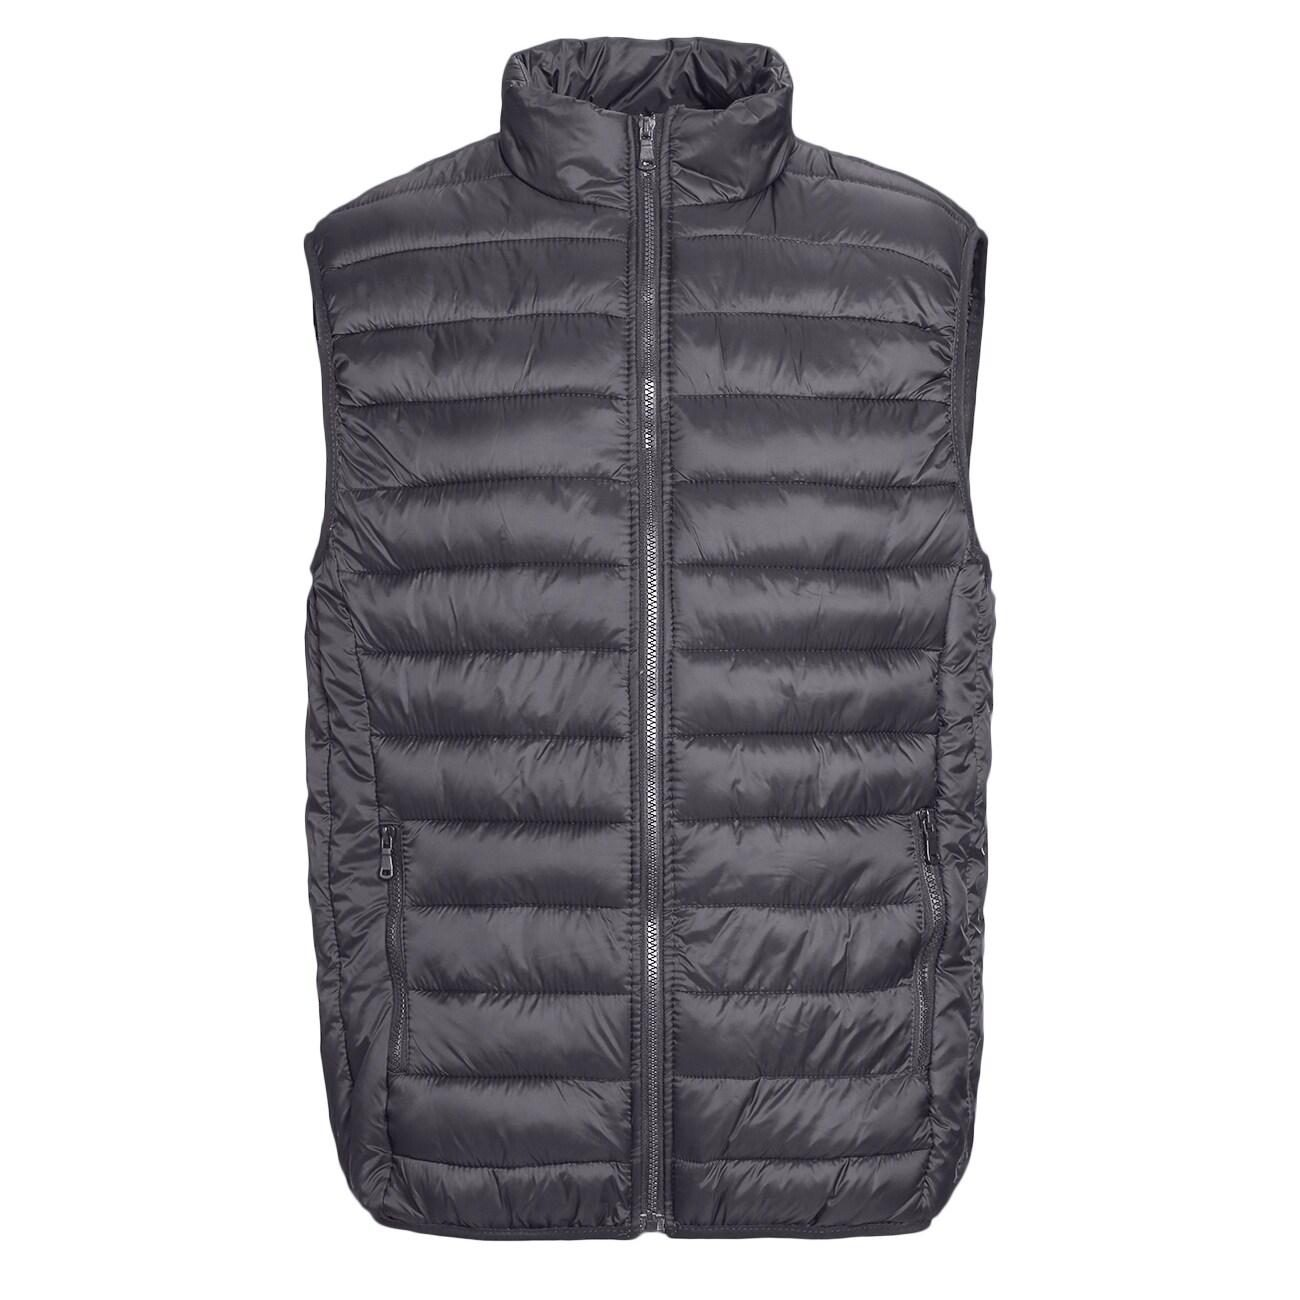 mens black size large packable down vest